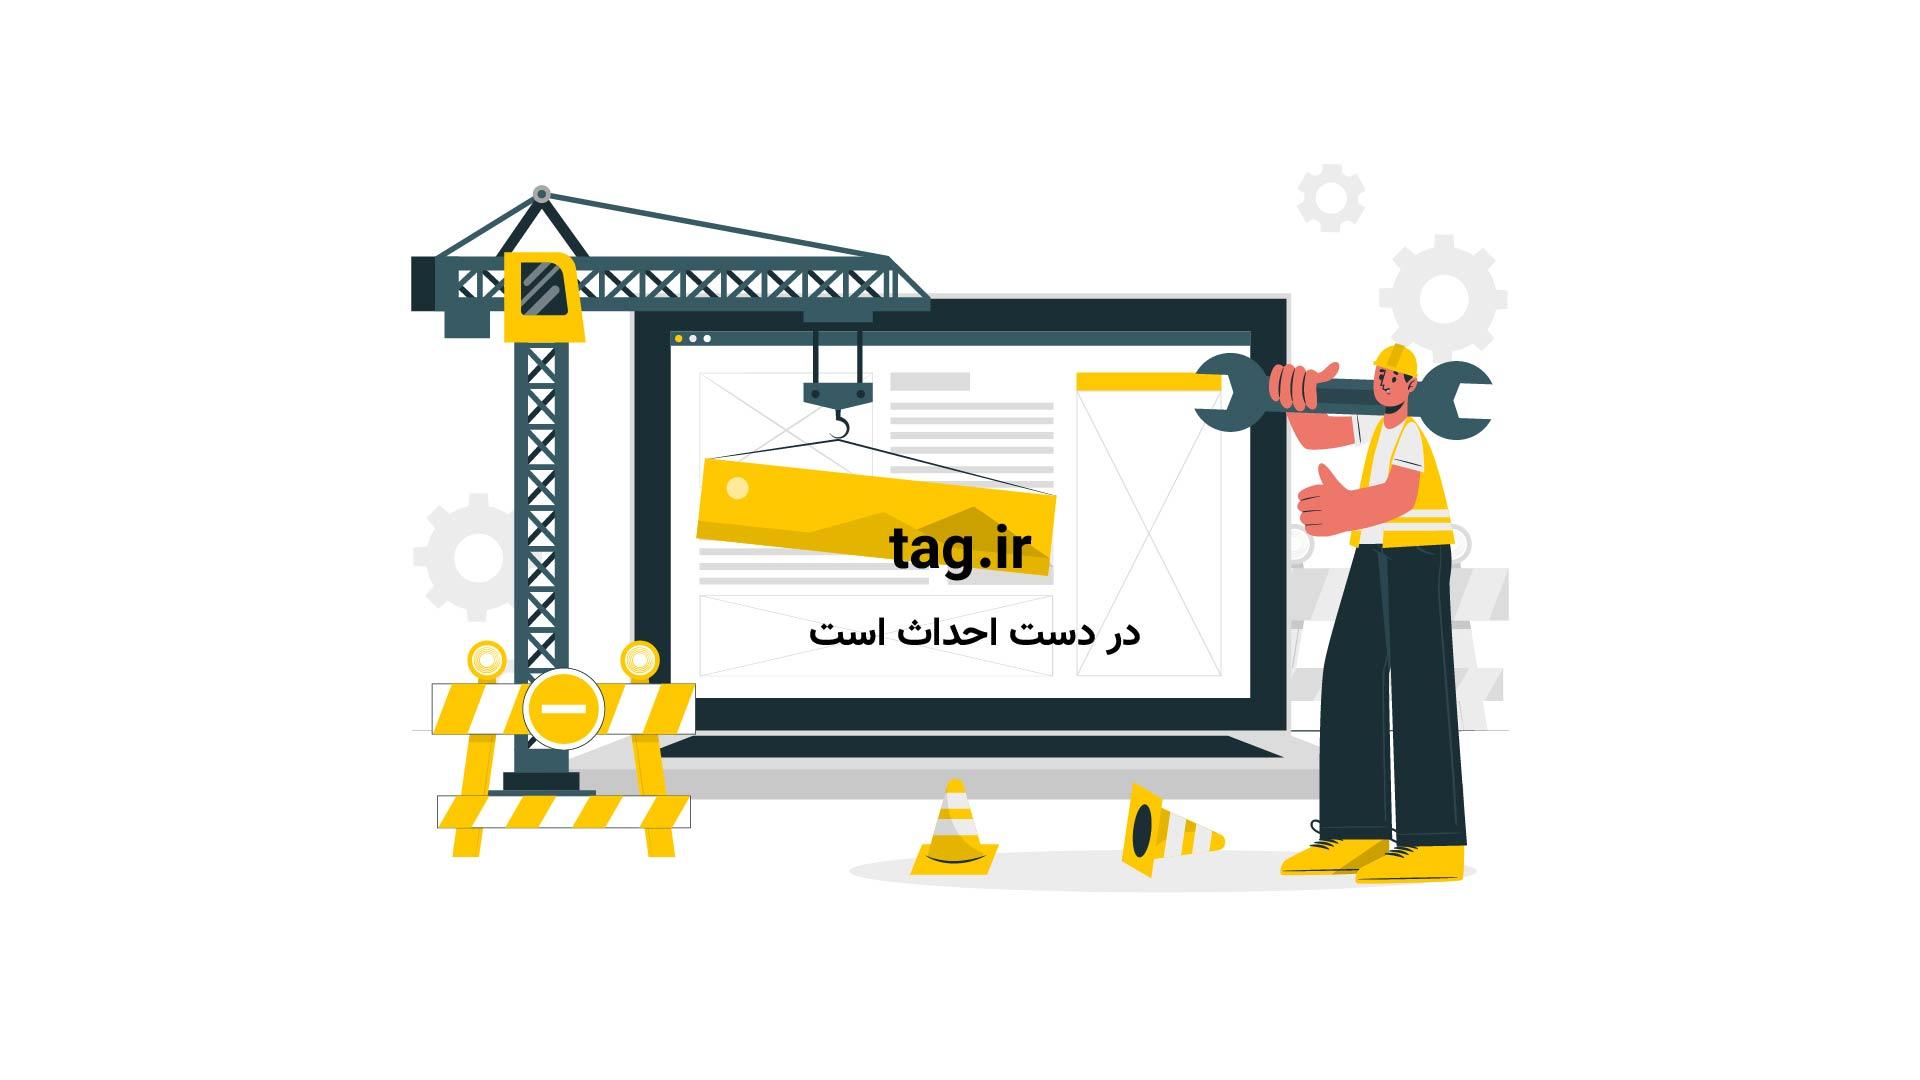 فرود هواپیما در شرایط دشوار و باد شدید